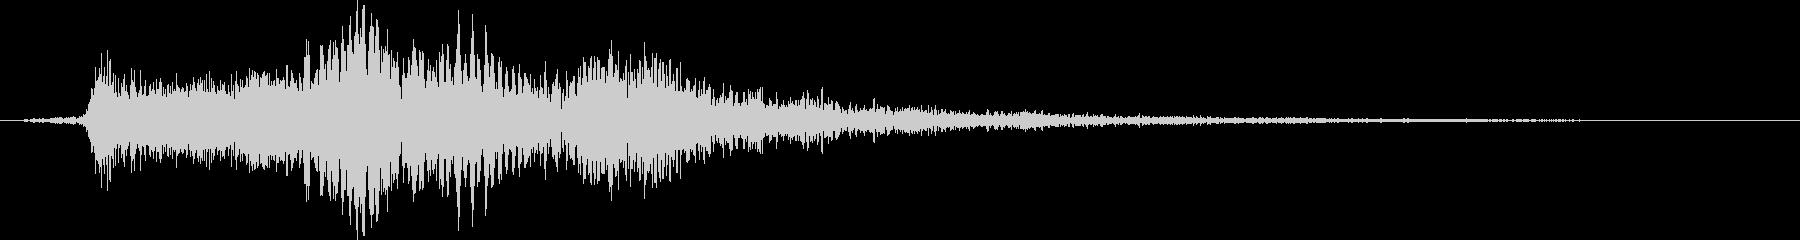 ピロリン(Other_Logo04-2)の未再生の波形